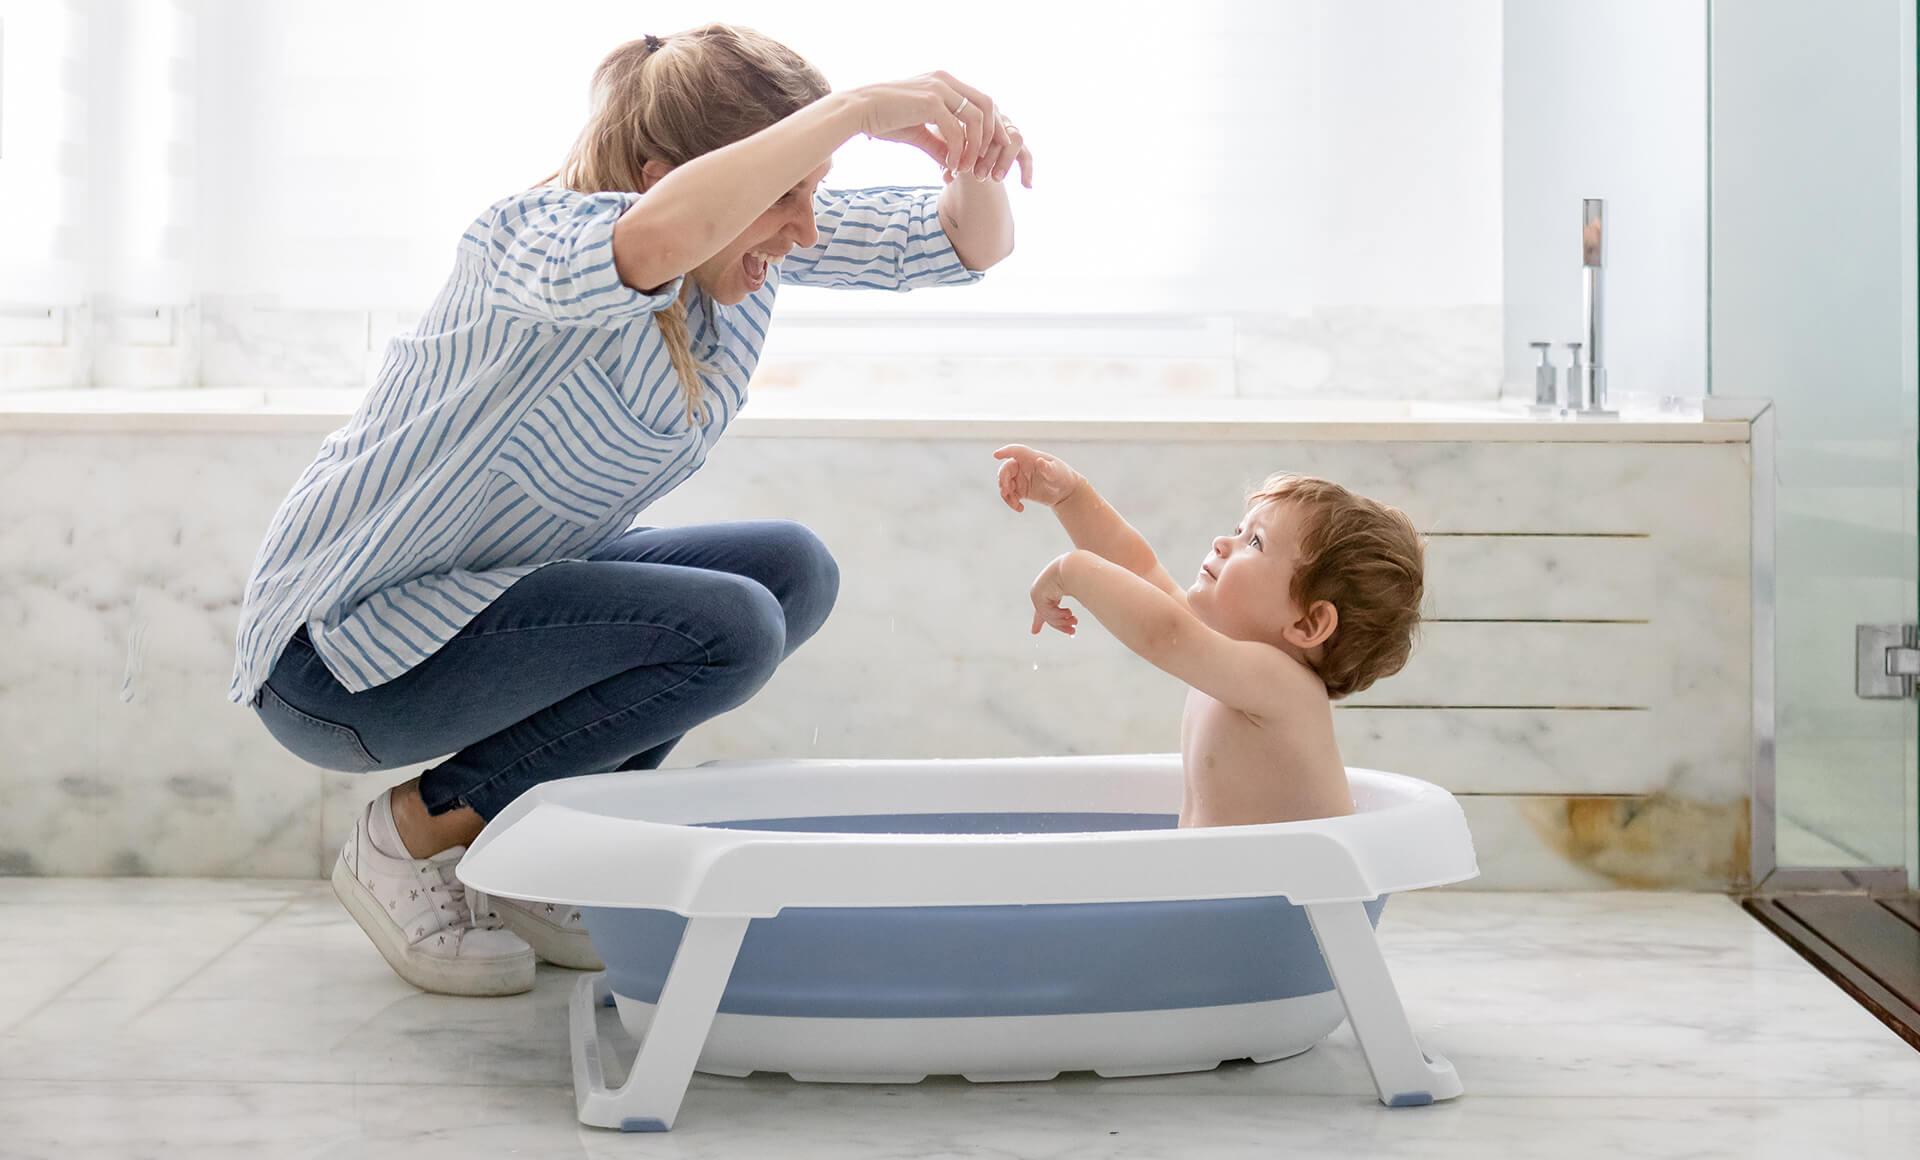 Bañera Plegable con Soporte Rosa imagen 6